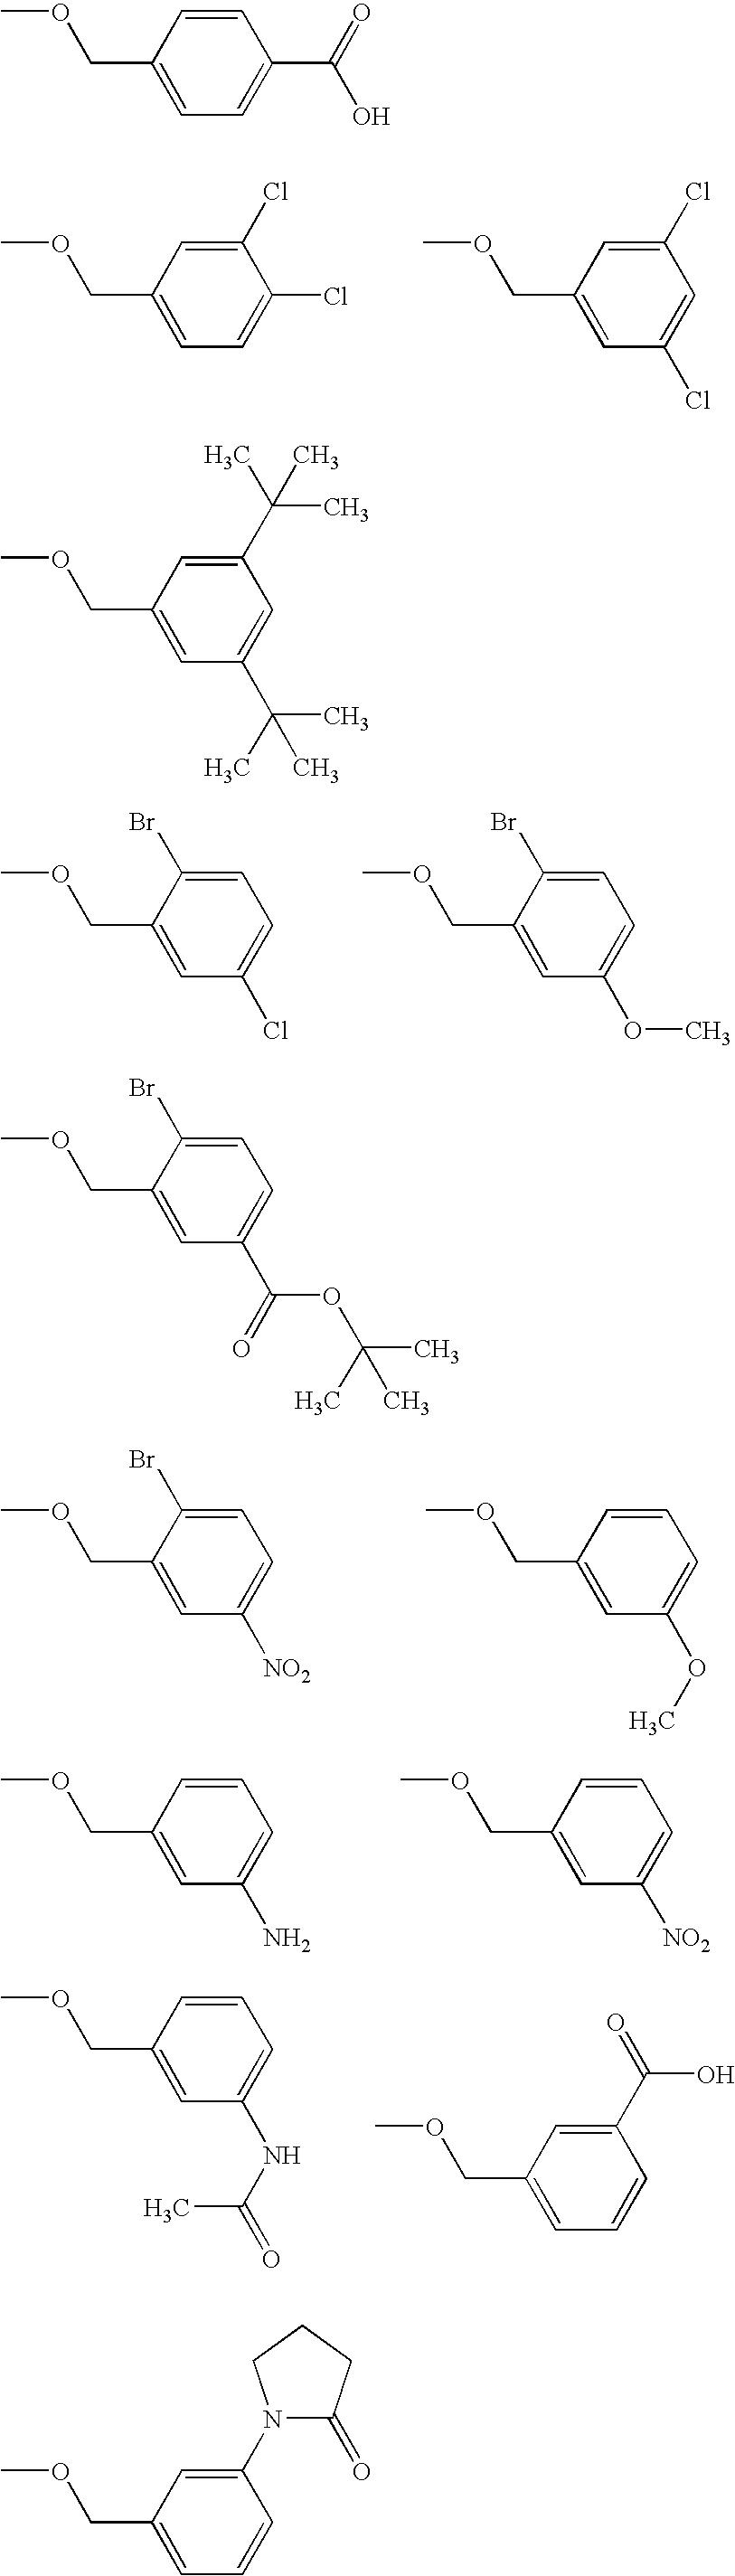 Figure US20070049593A1-20070301-C00218